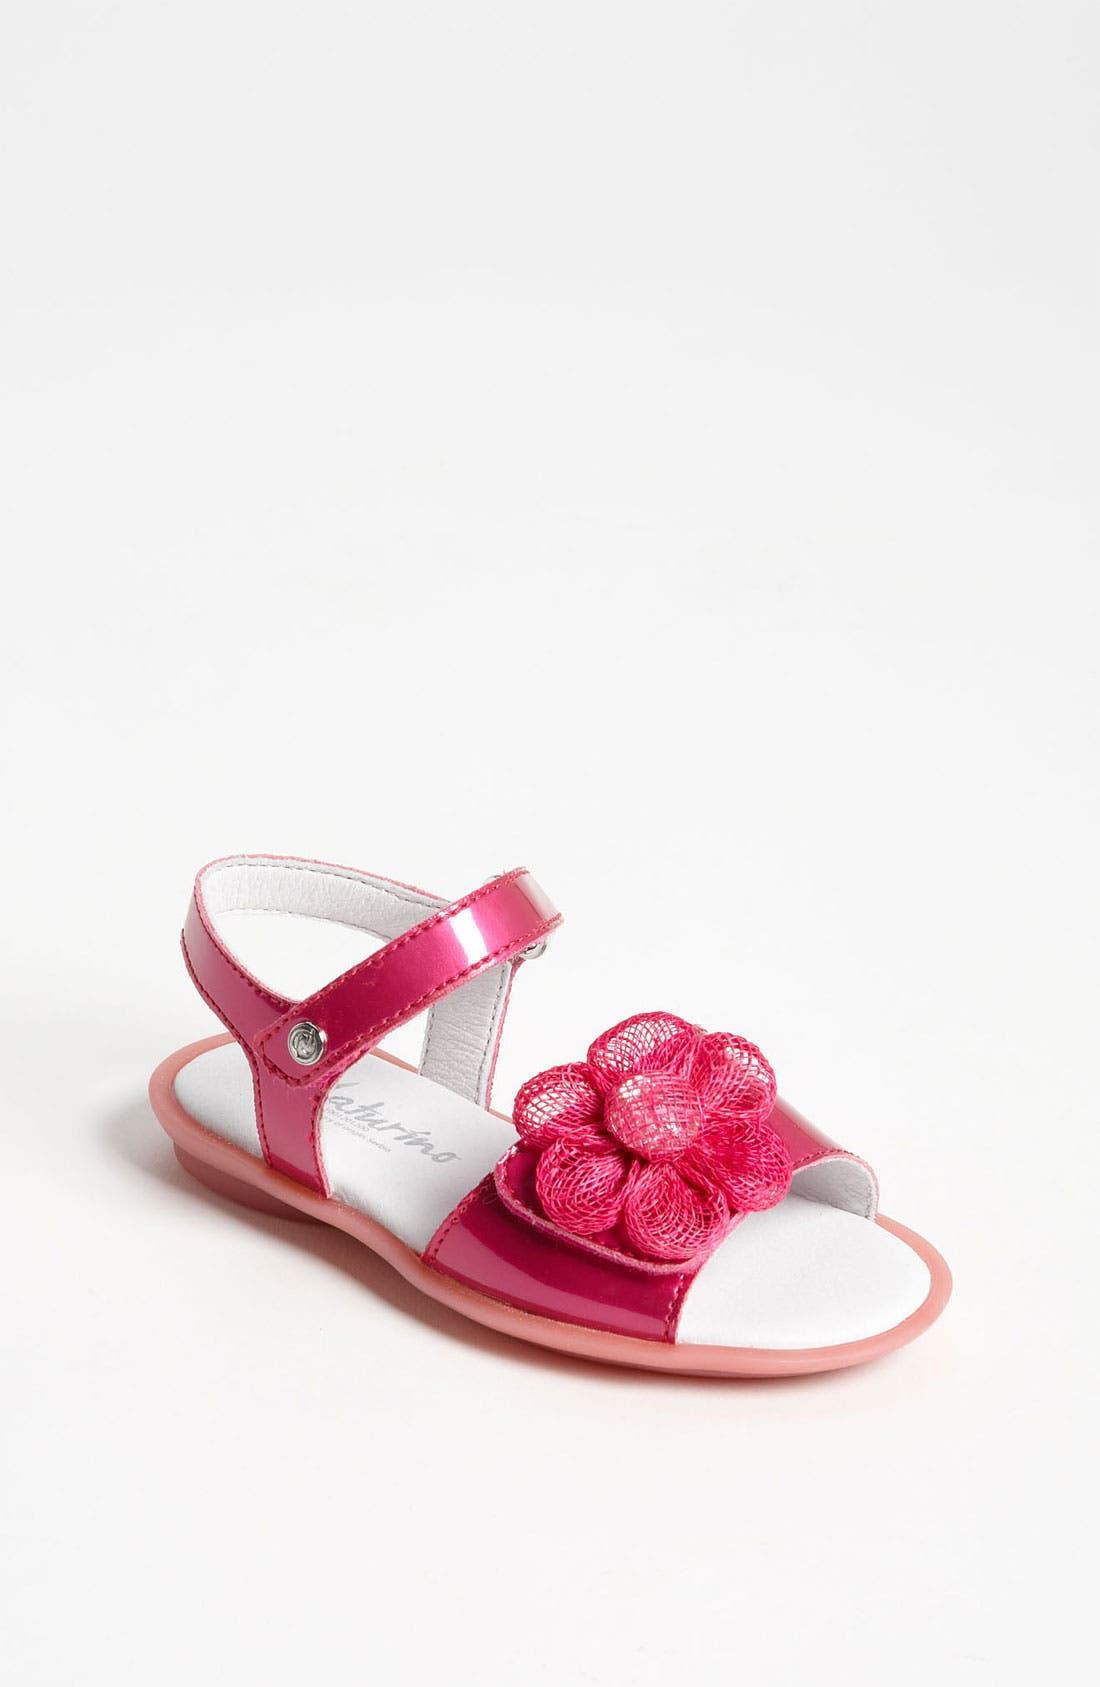 Main Image - Naturino '3022' Sandal (Toddler)